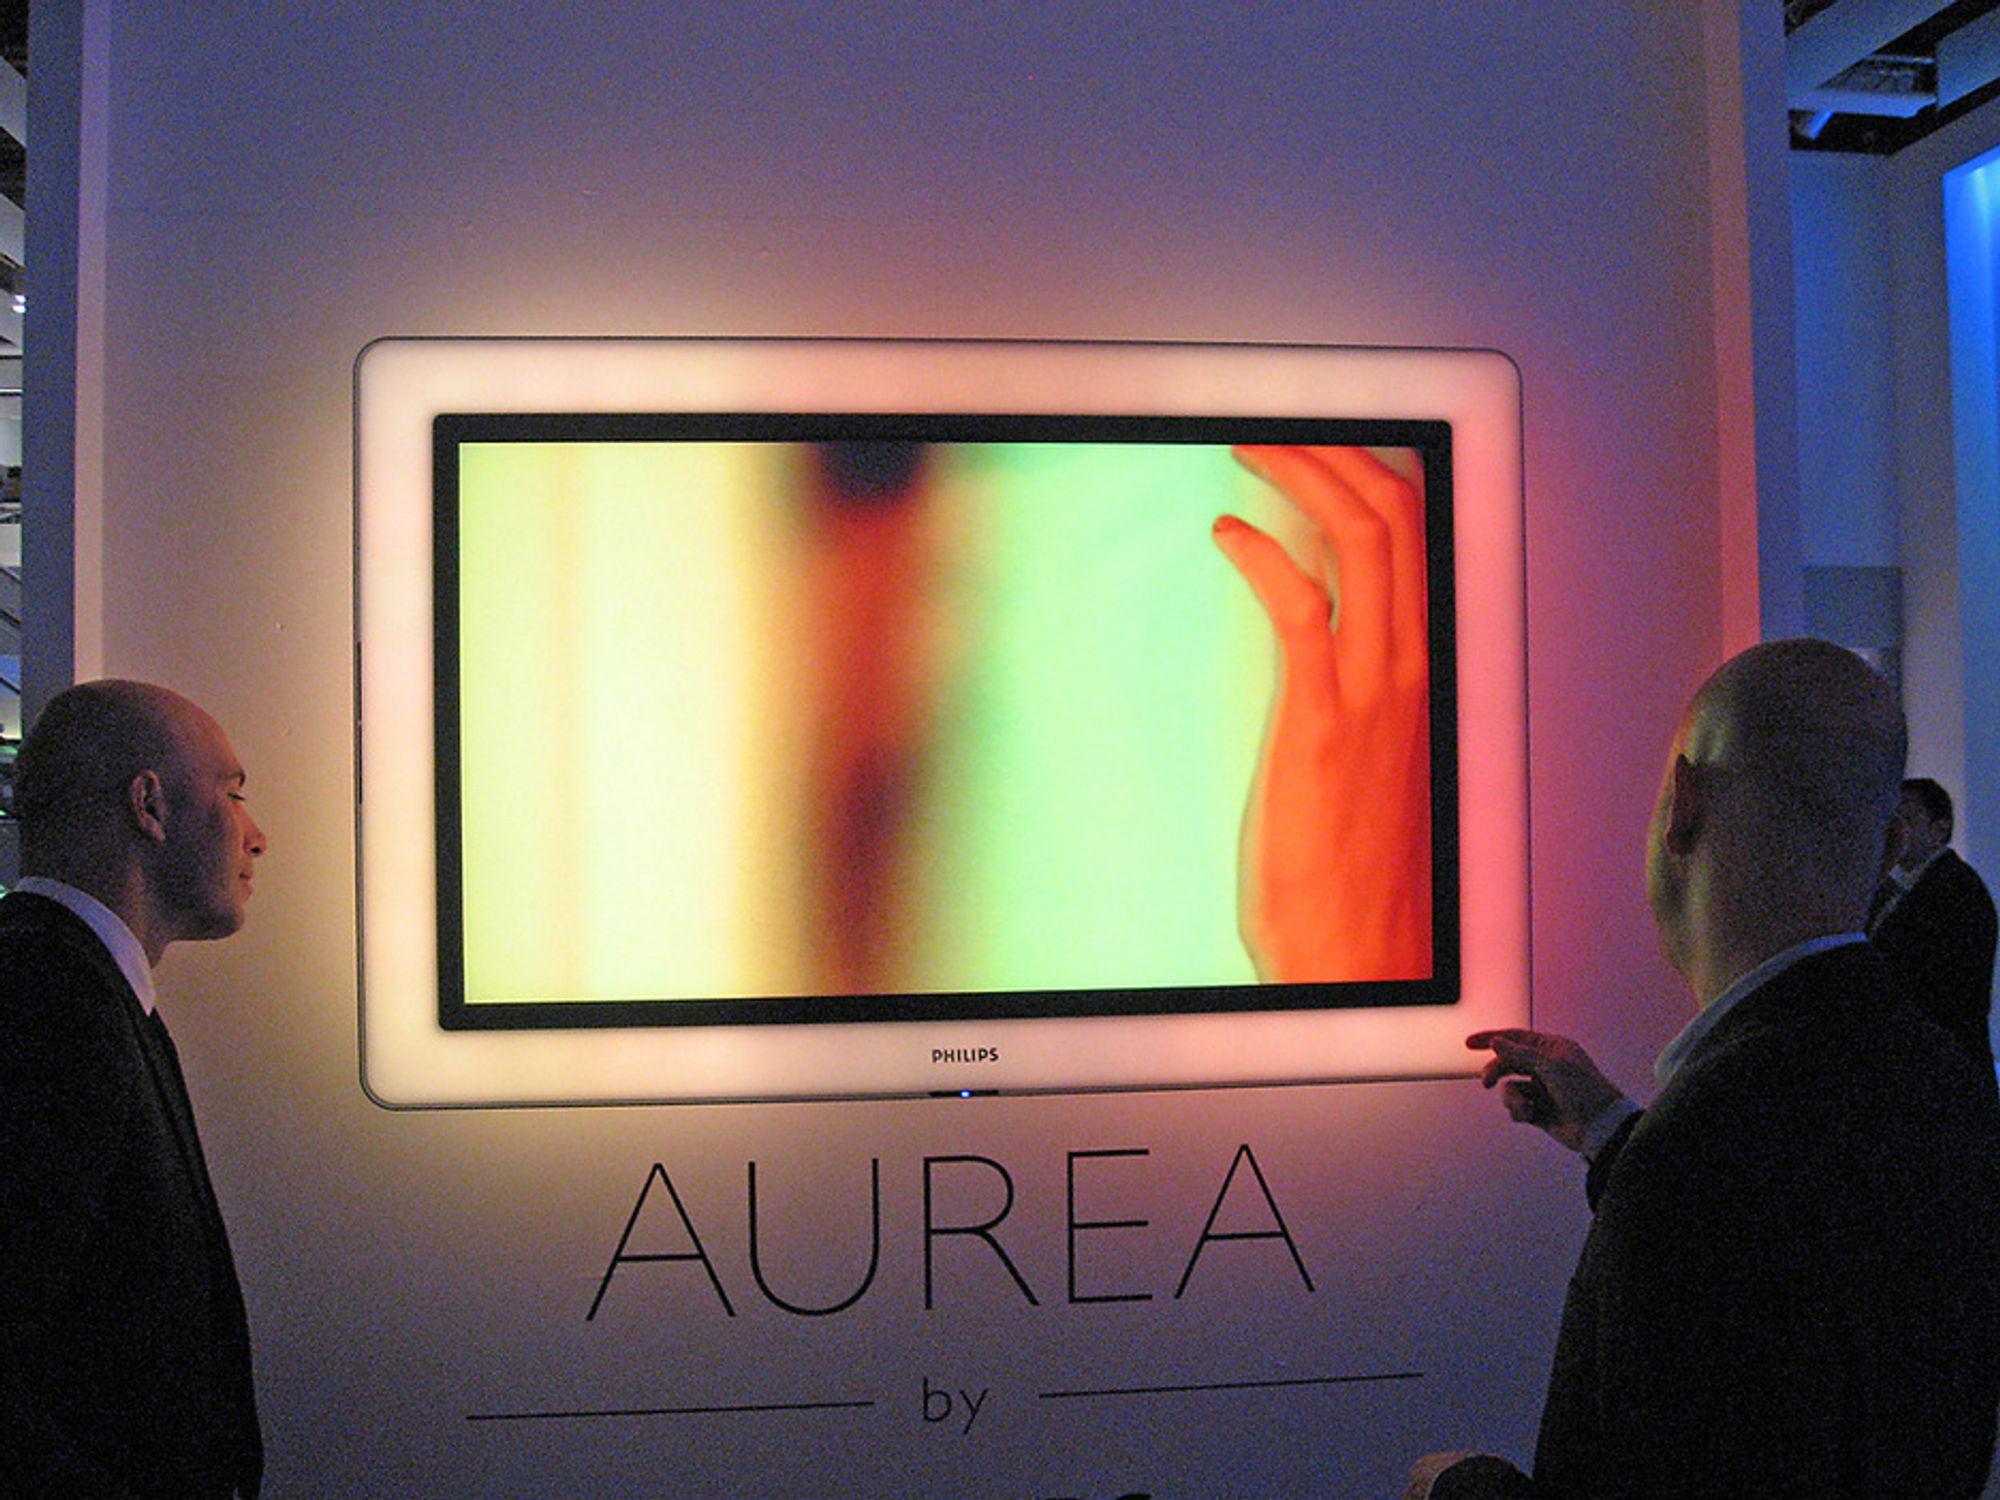 Philips forfører med lys - rundt TV-rammen og bak og på siden. Dte kan forsterke seeropplevelesen.